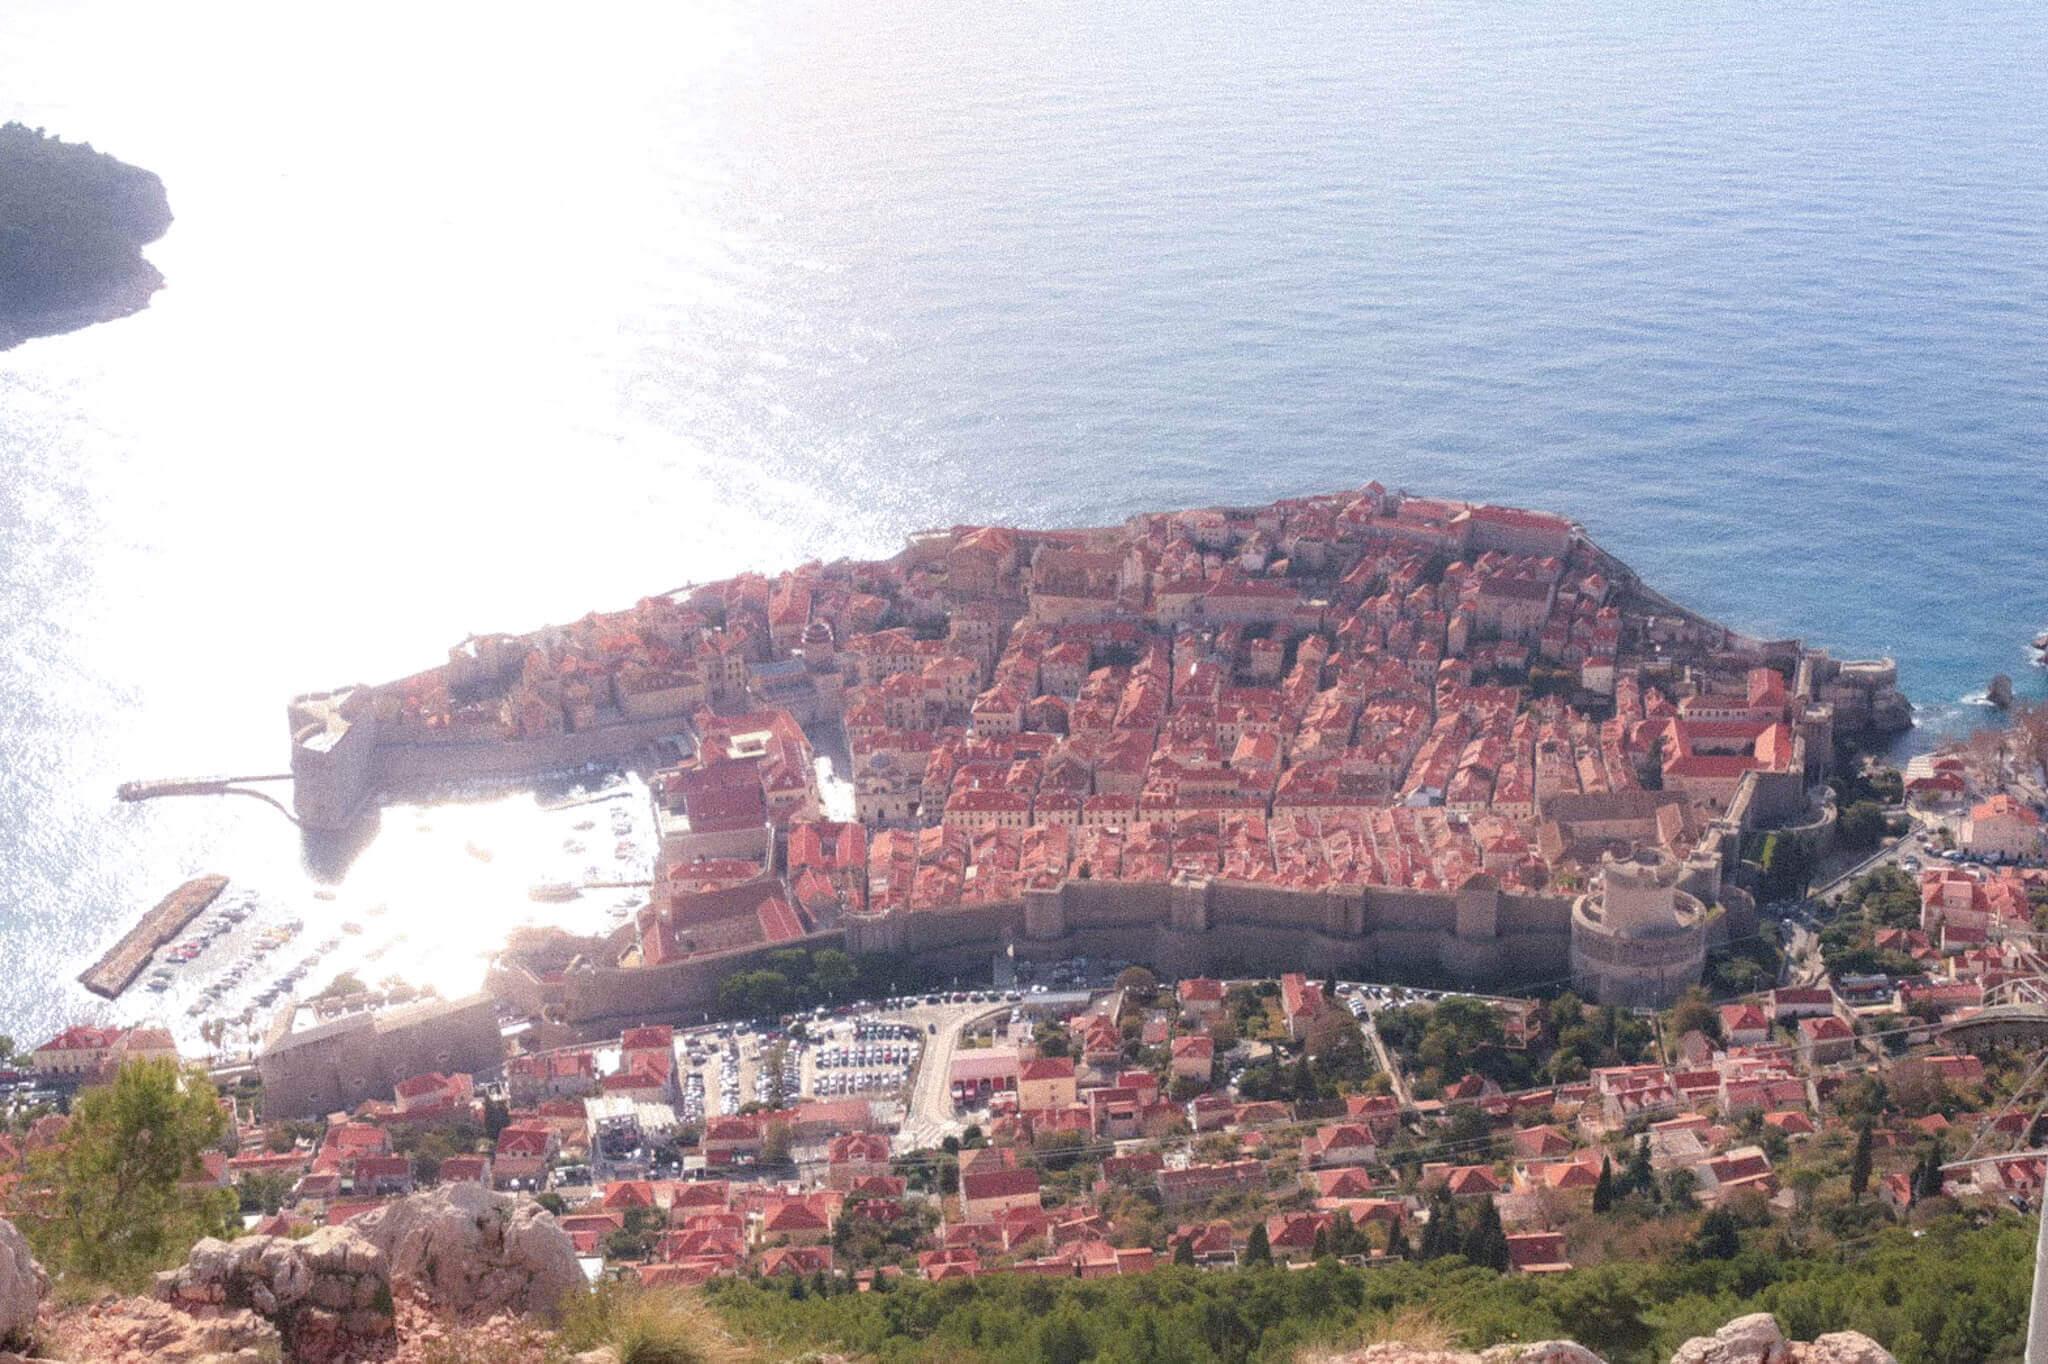 オレンジの街に魅せられて、映画「魔女の宅急便」の舞台にときめくクロアチア